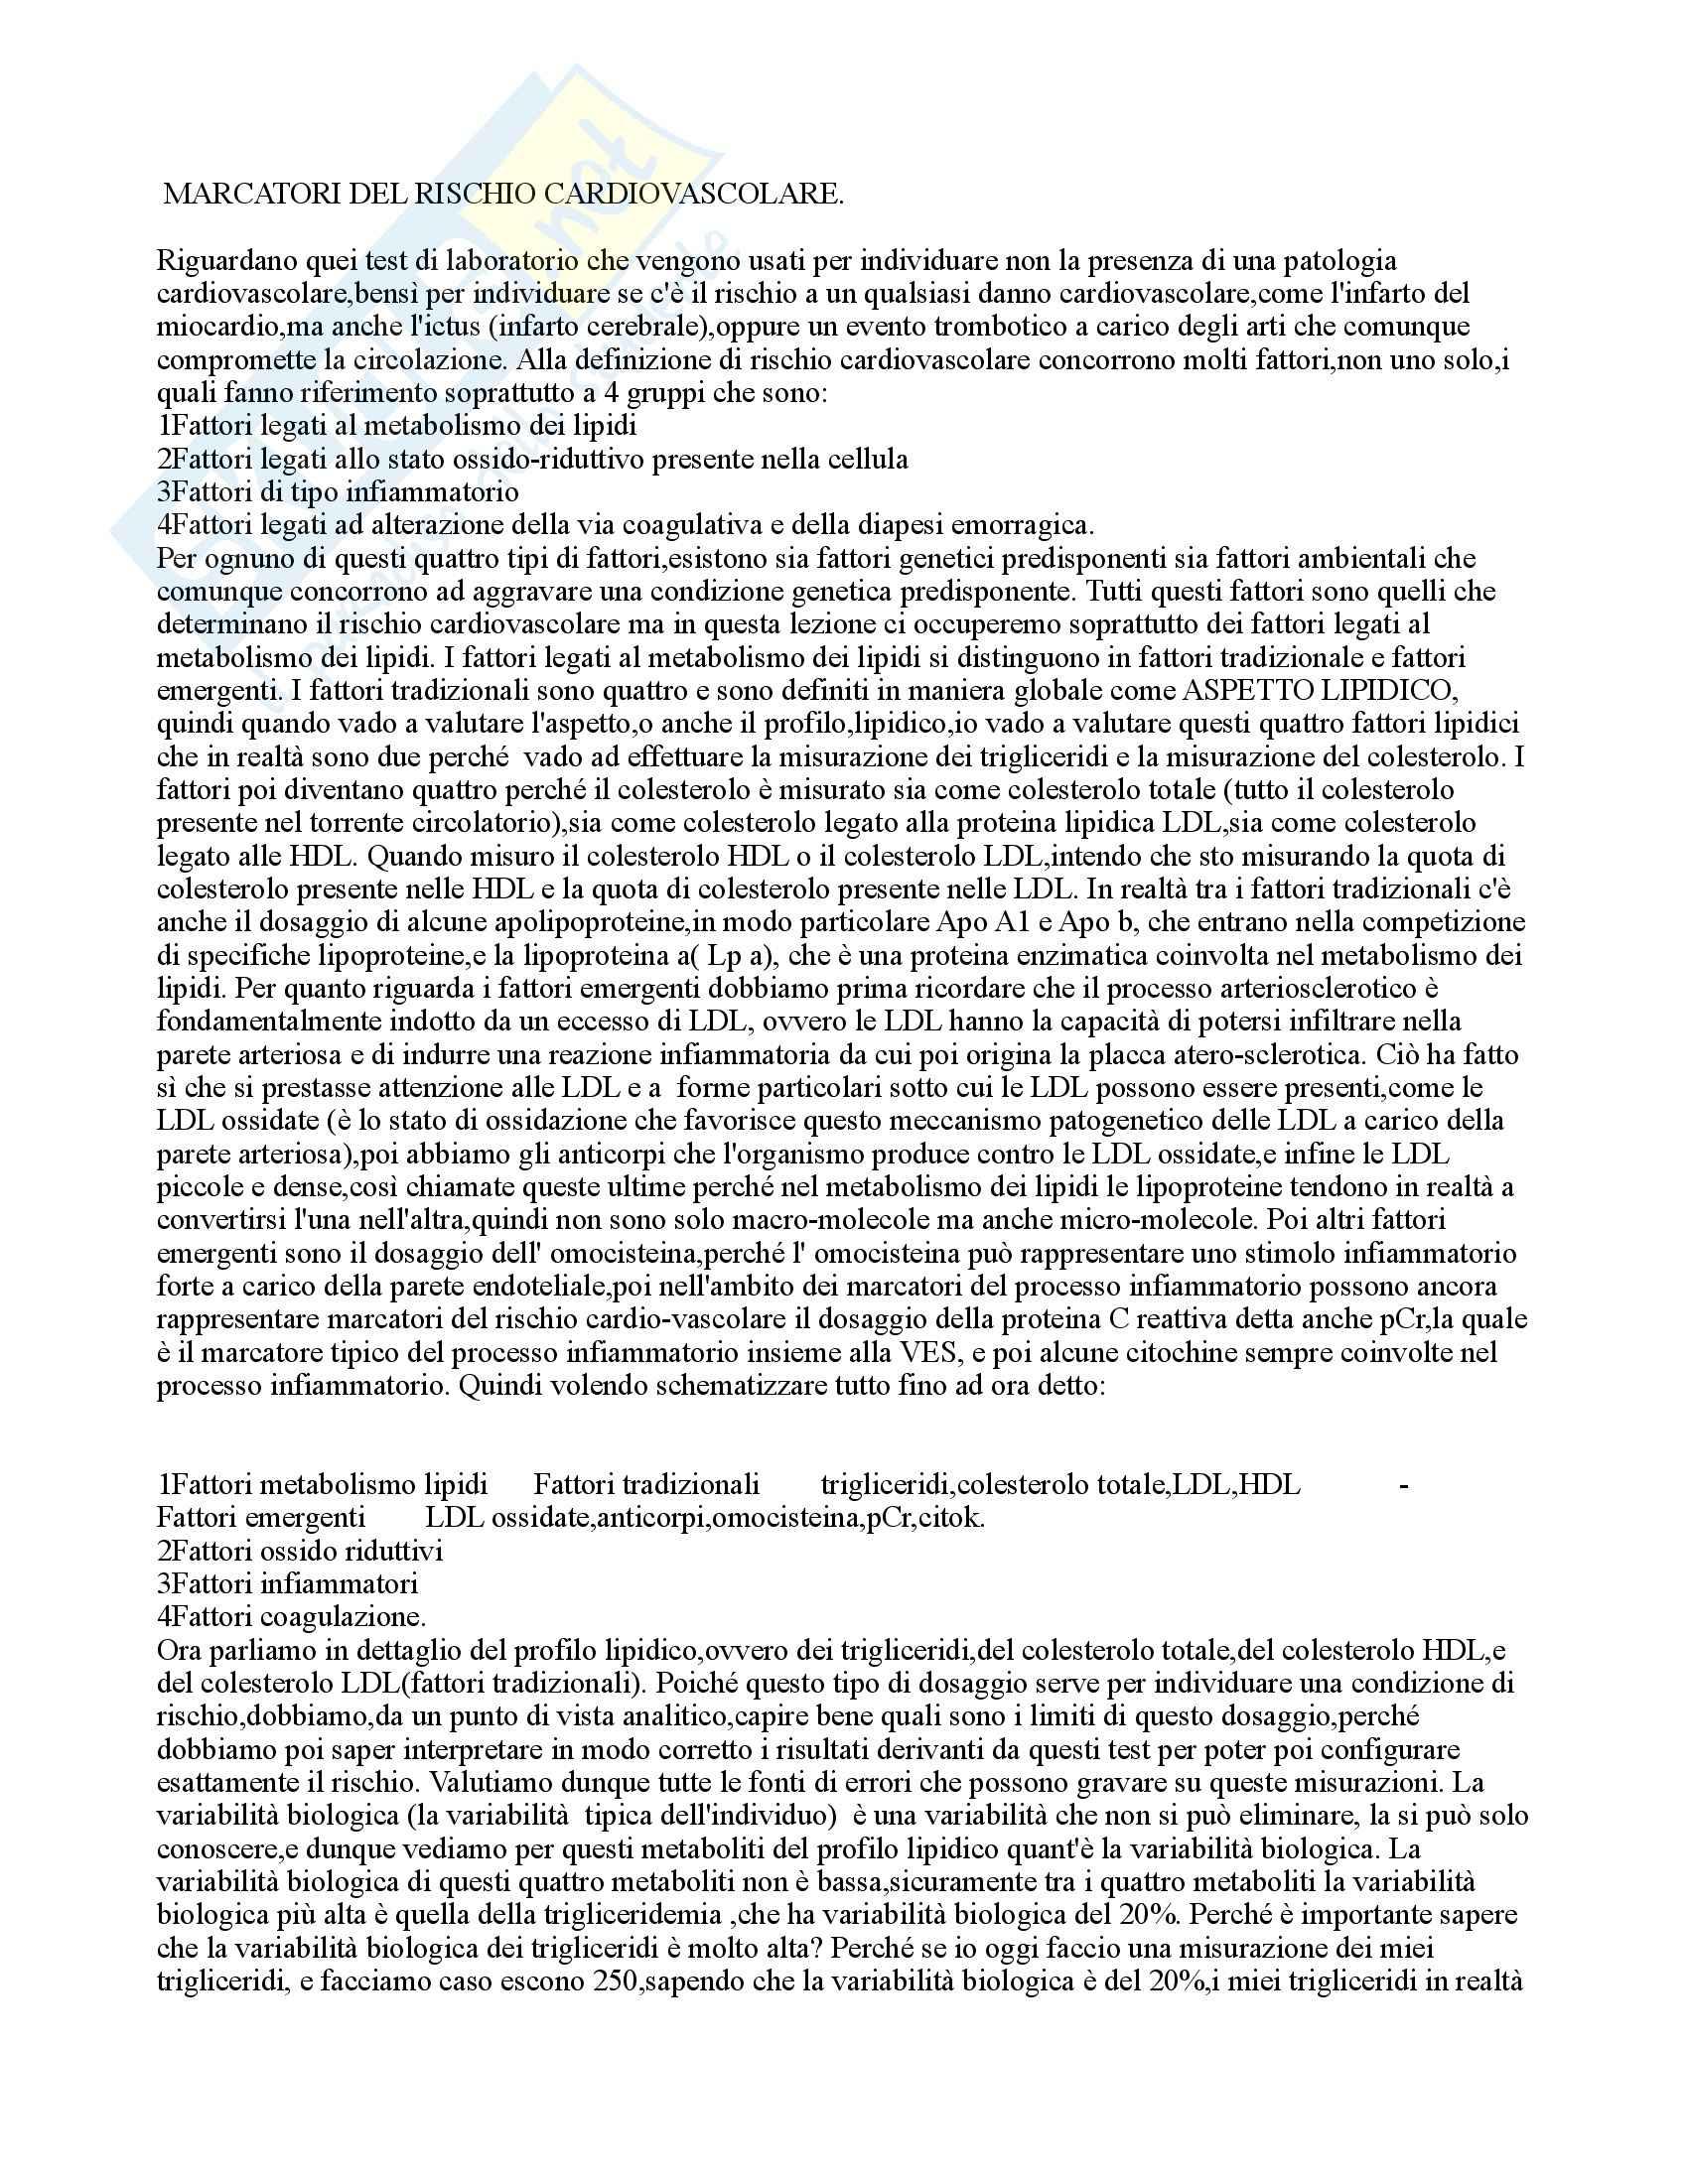 Marker del rischio cardiovascolare: Appunti di Biochimica